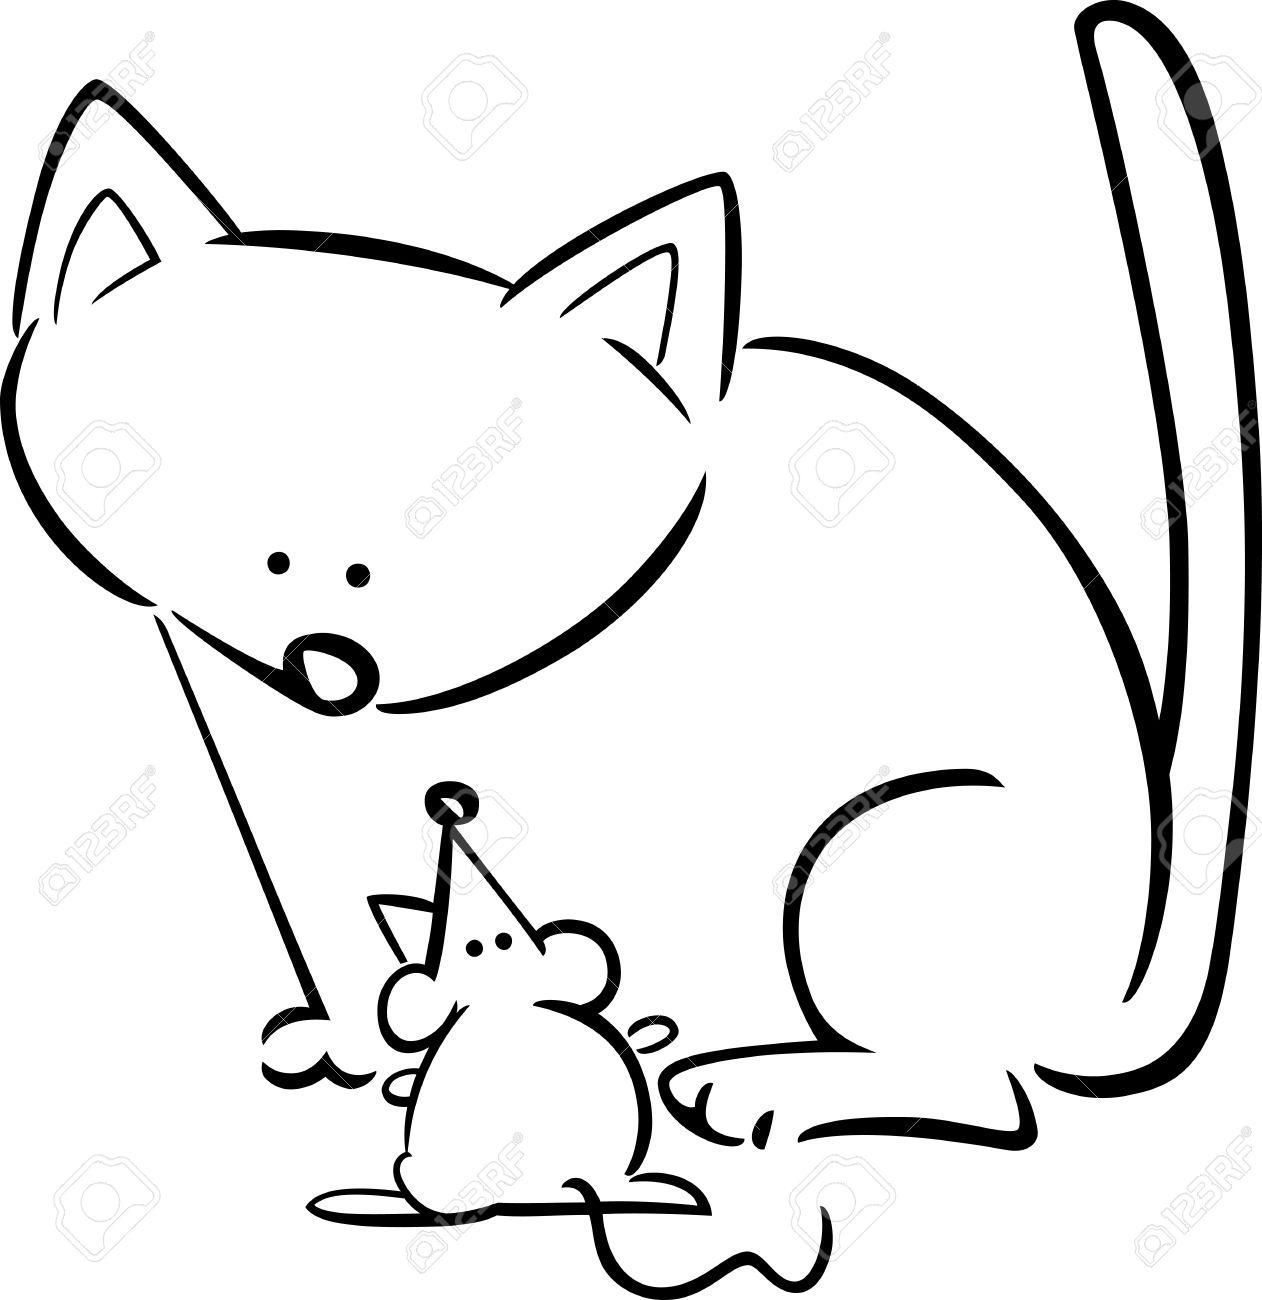 De Dibujos Animados Dibujo Ilustración De Gato Y El Ratón Para Libro ...